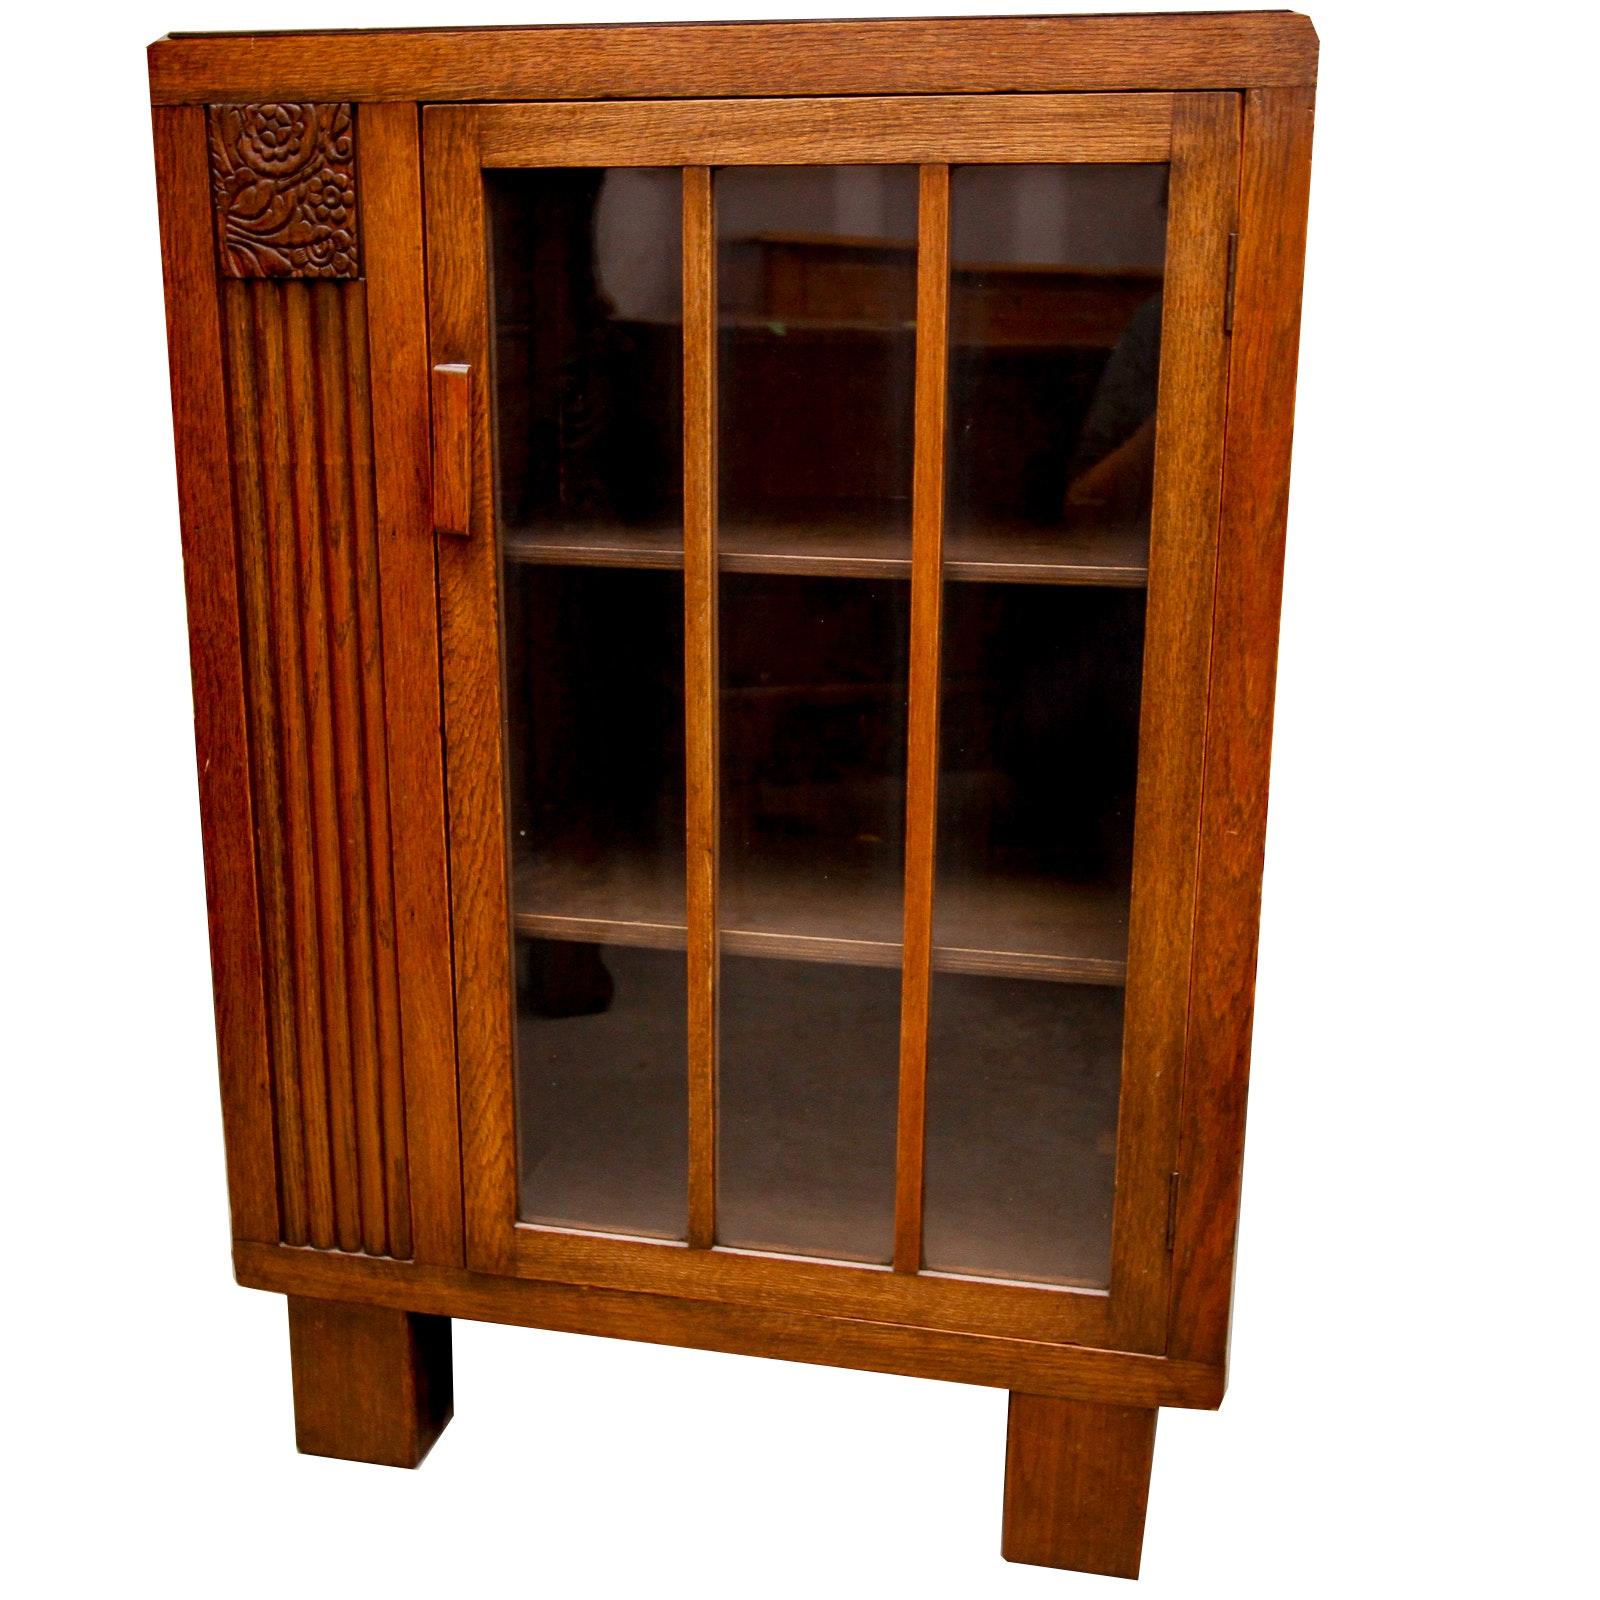 Vintage Arts & Crafts Oak Bookcase Cabinet